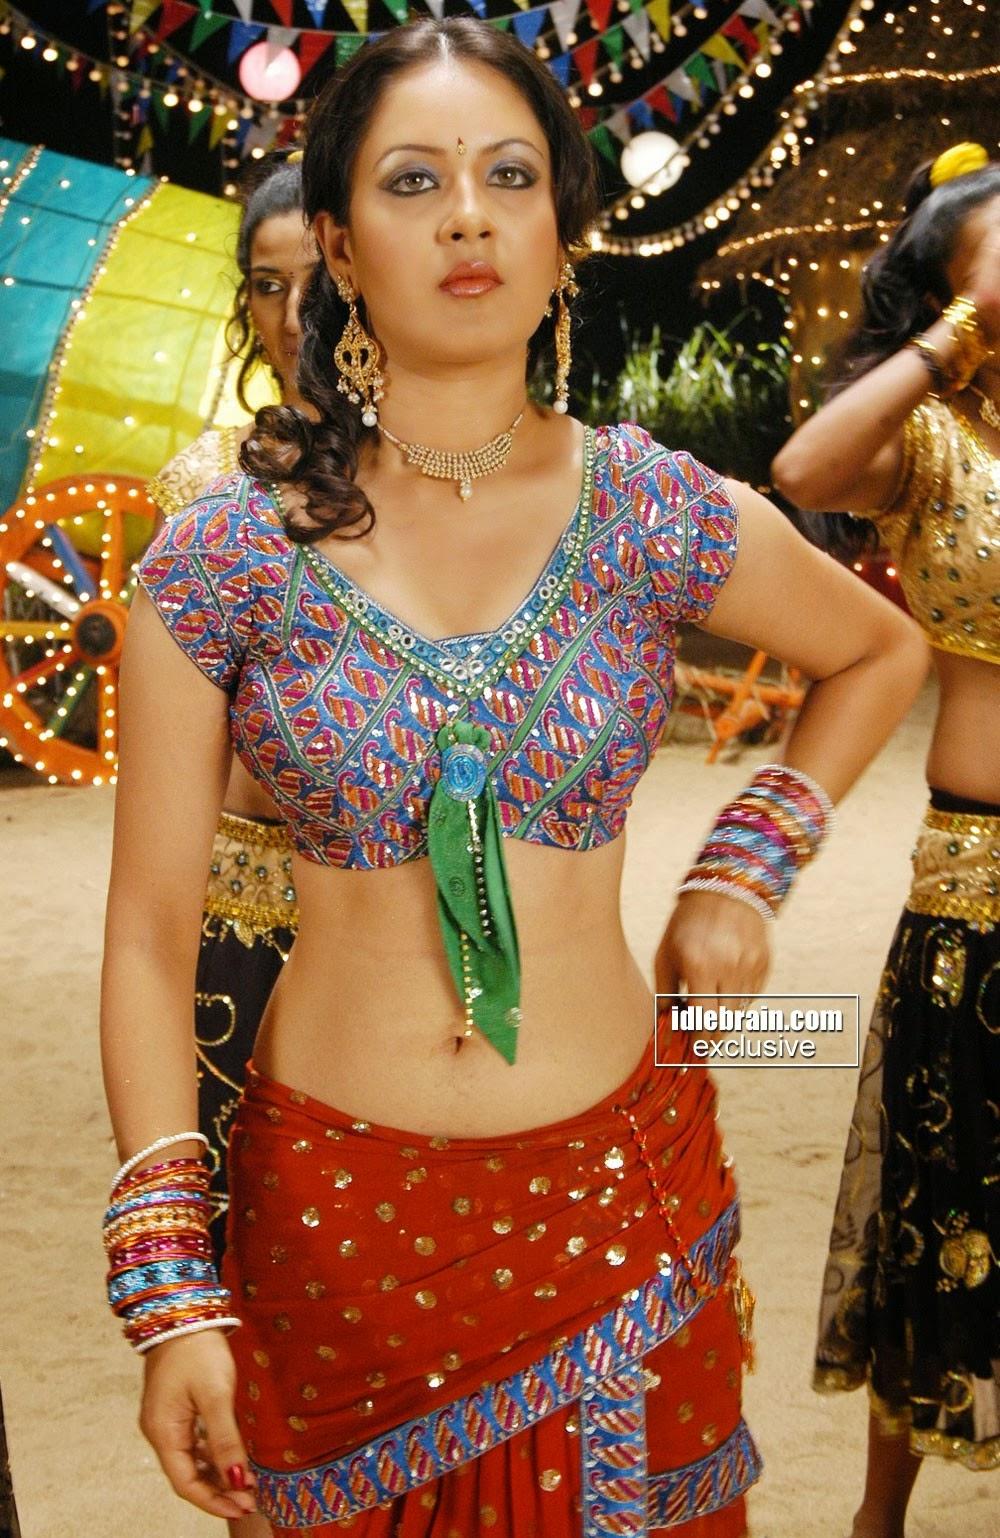 Indian bengali actress hot image-7423